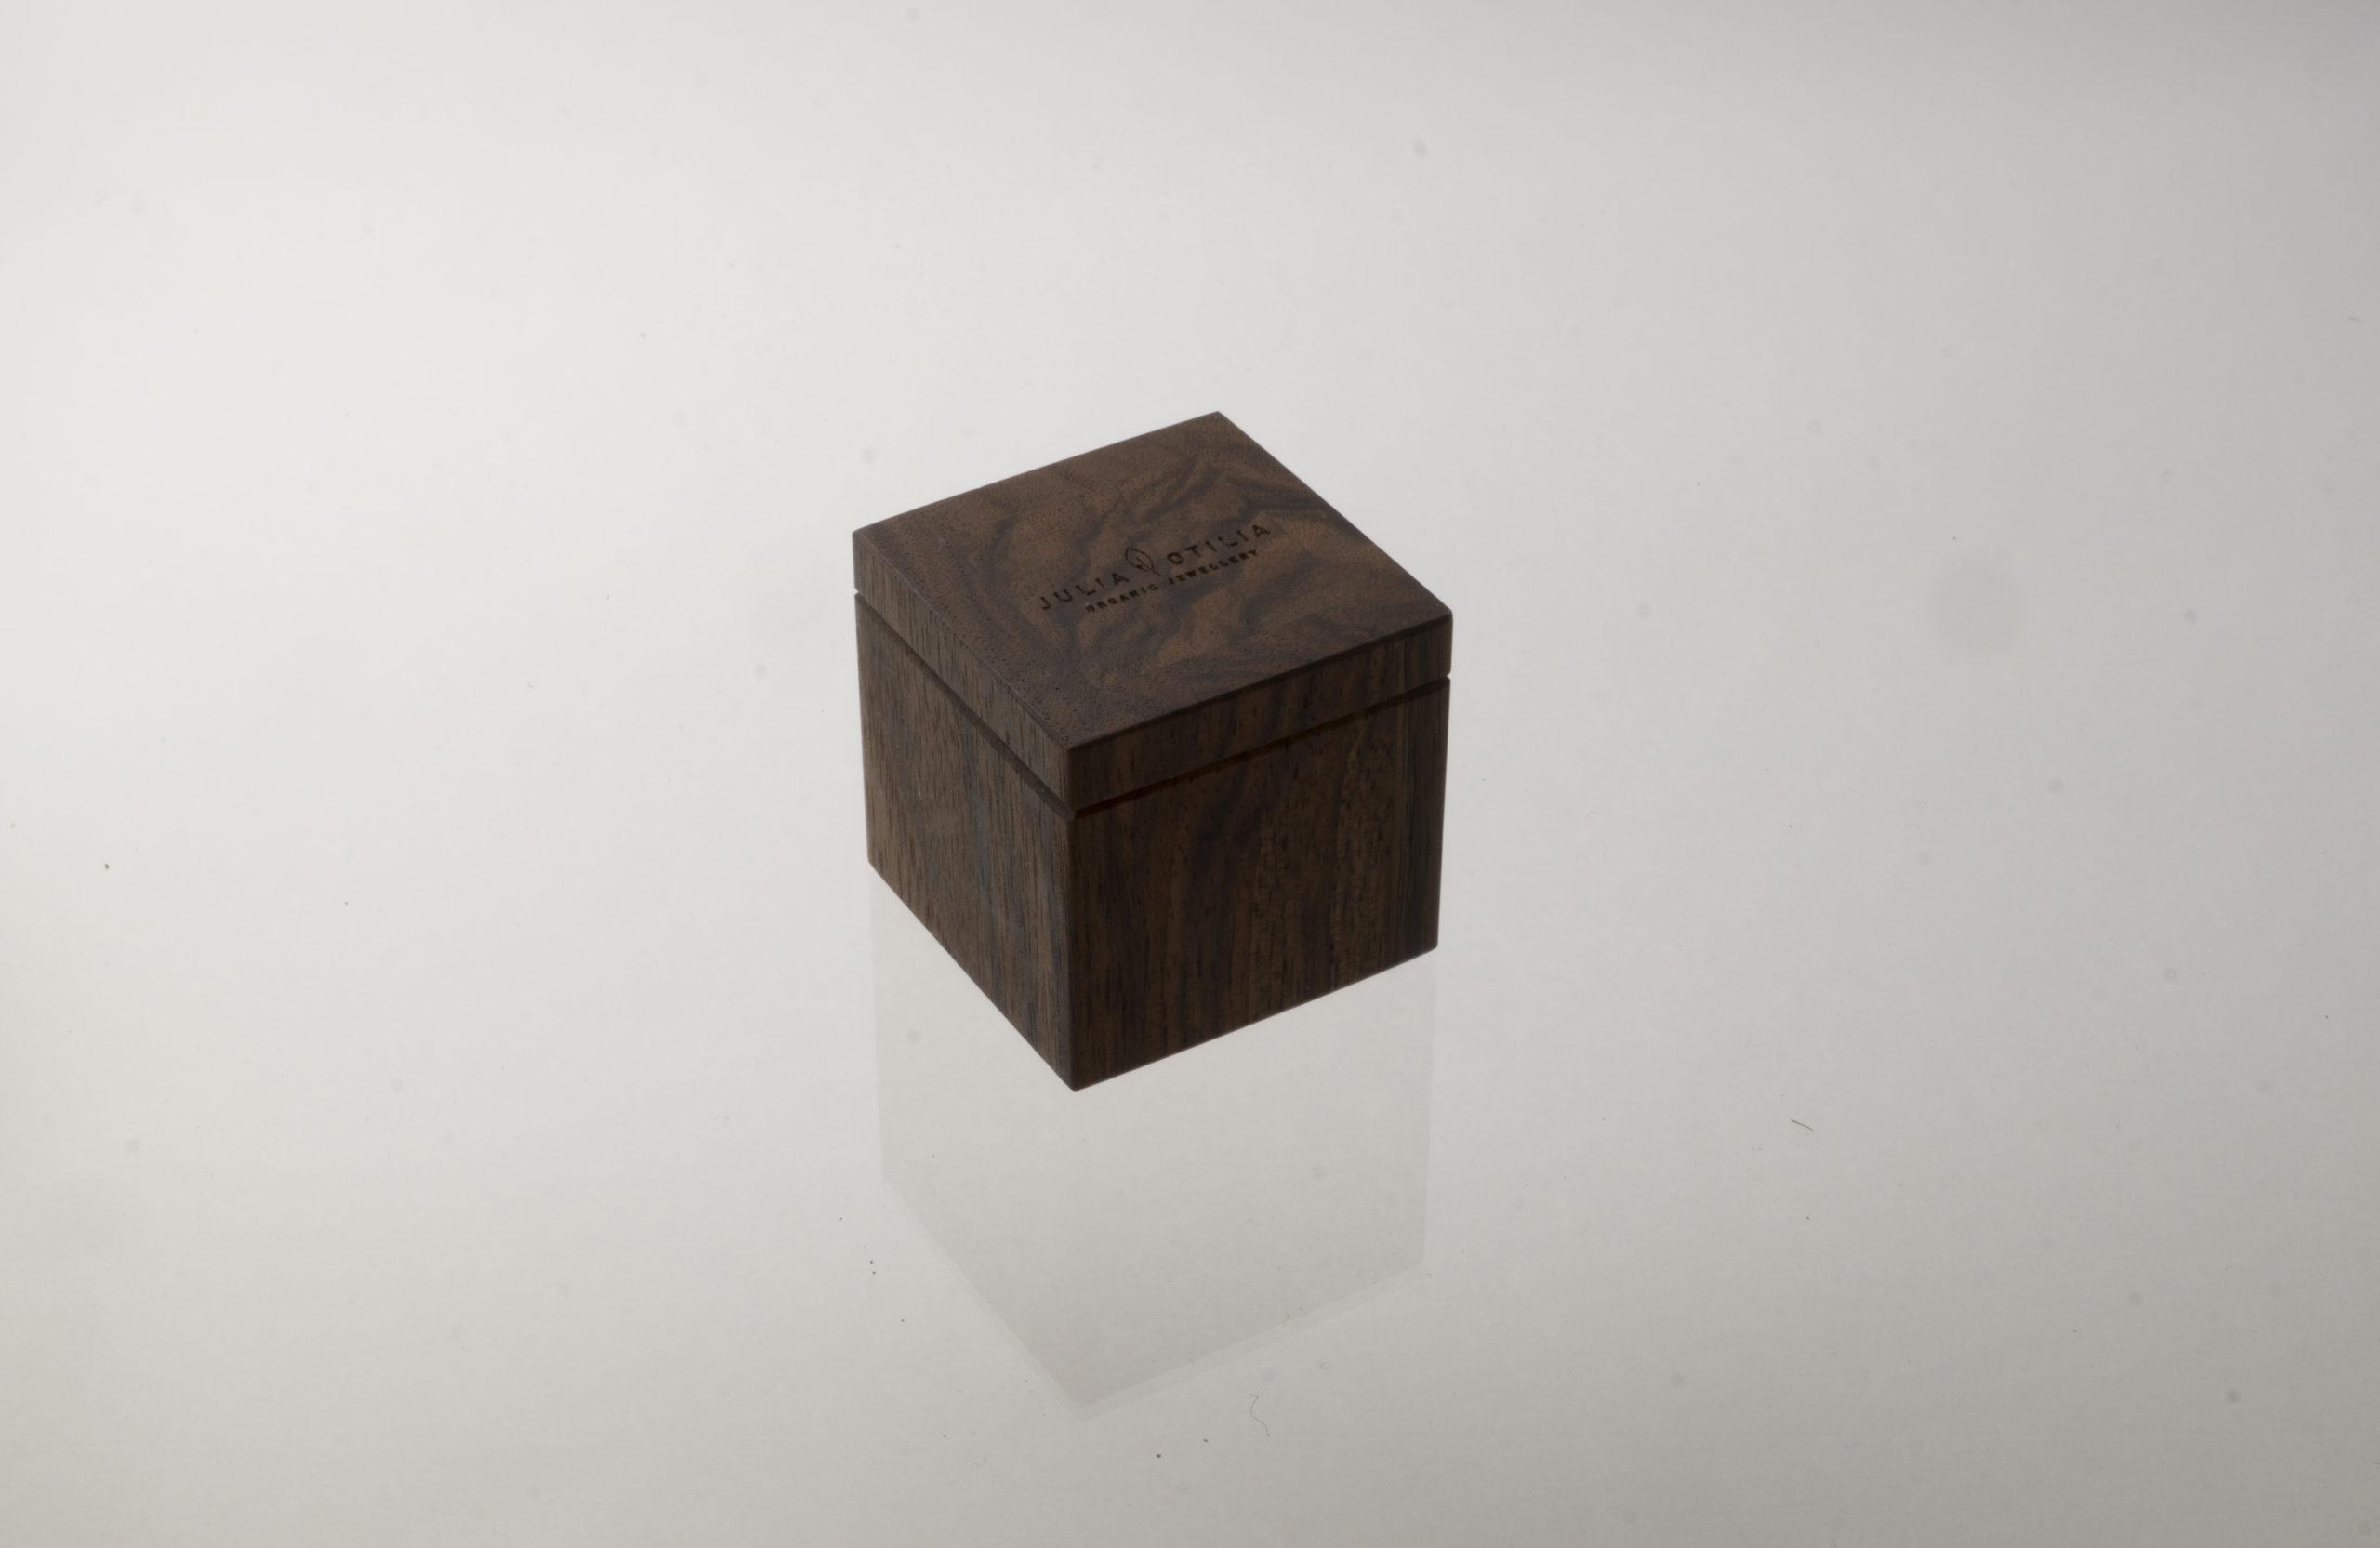 Walnut box small from Julia Otilia